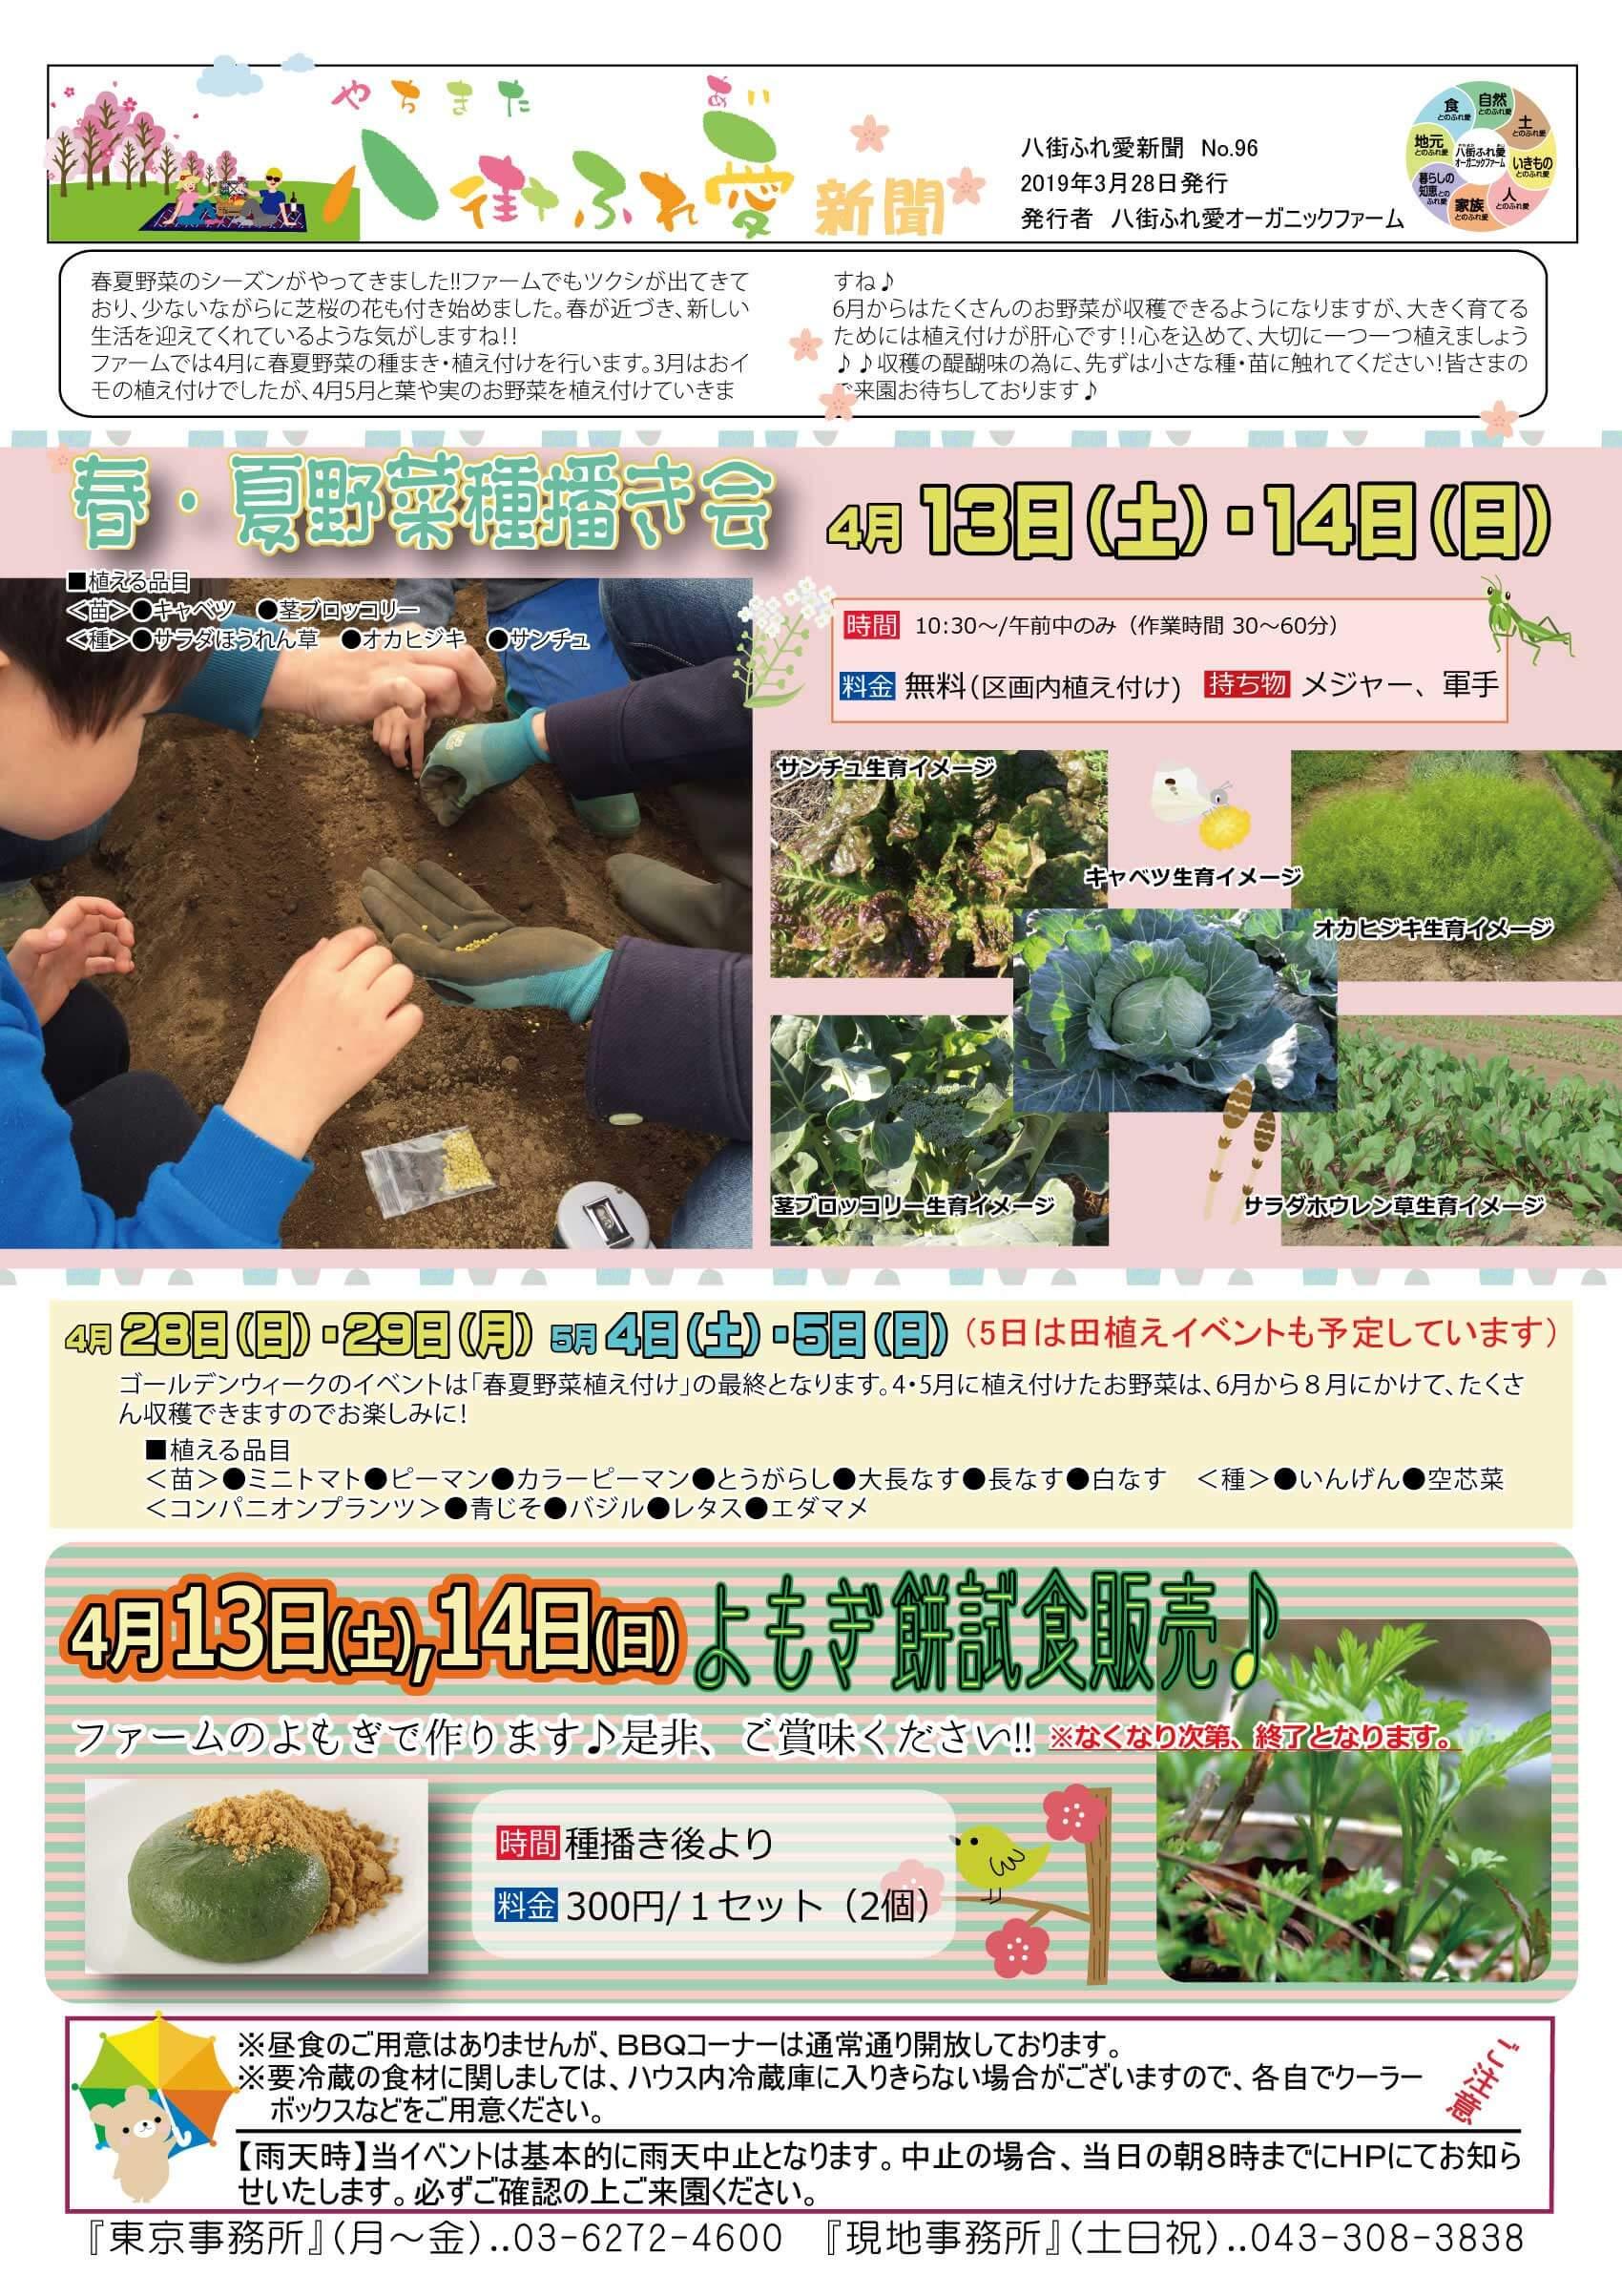 ジャガイモ植え付け会